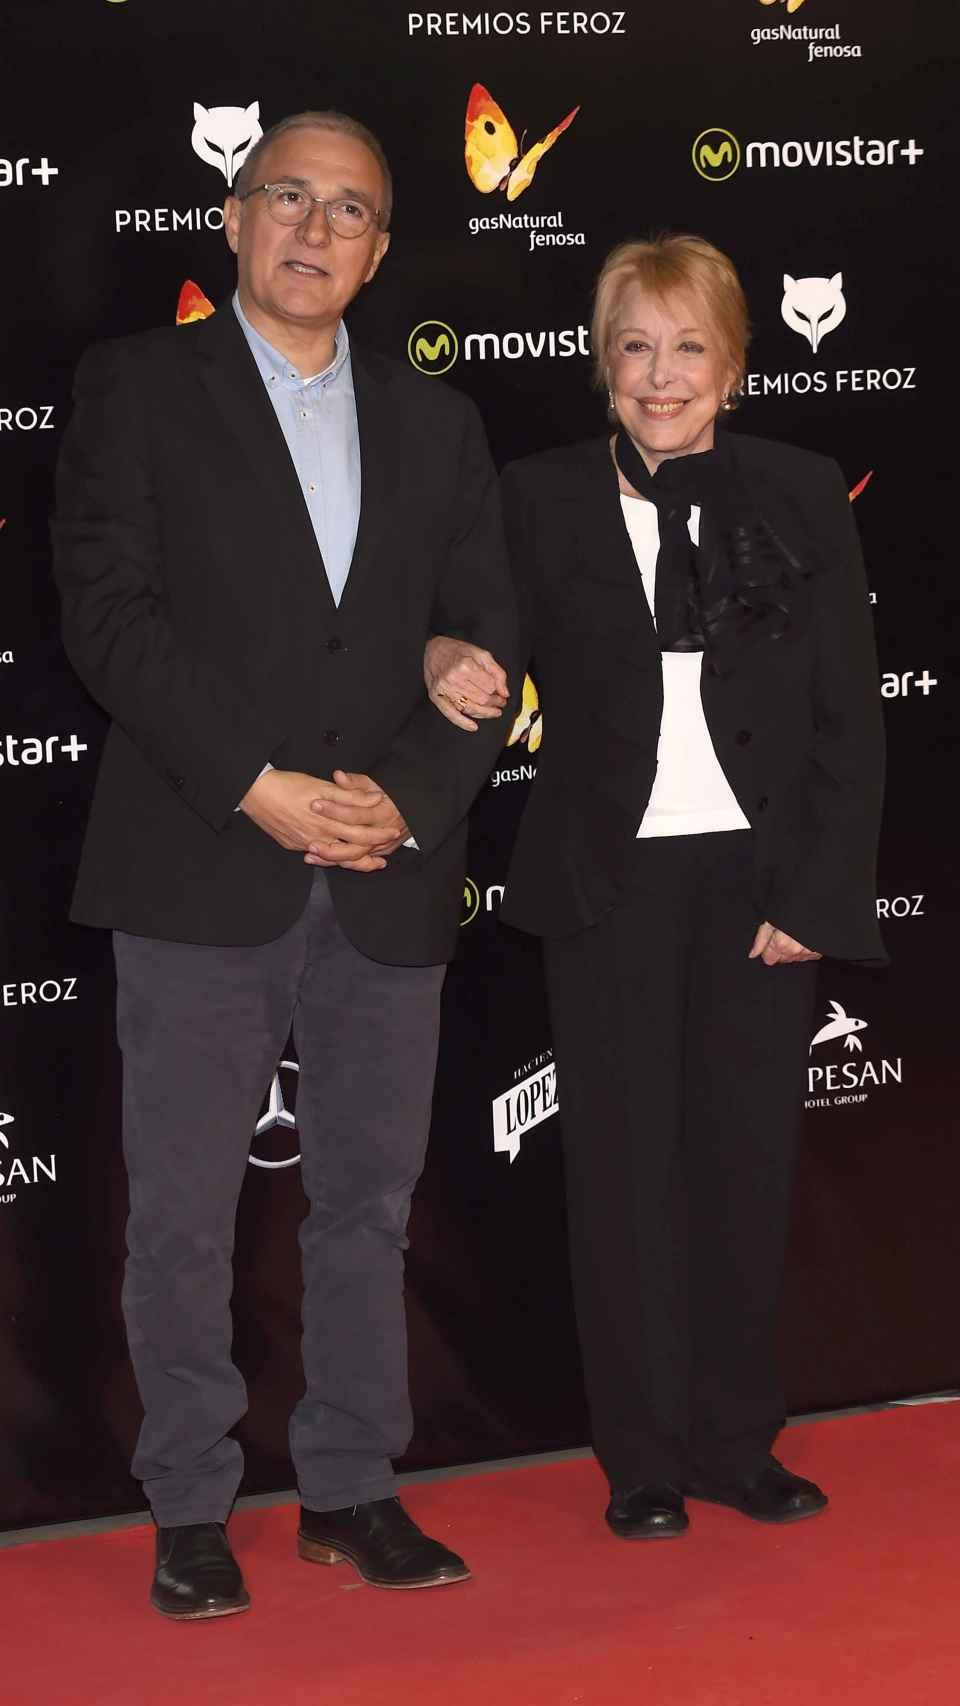 Xavier Sardà y su hermana Rosa María en los premios Feroz.